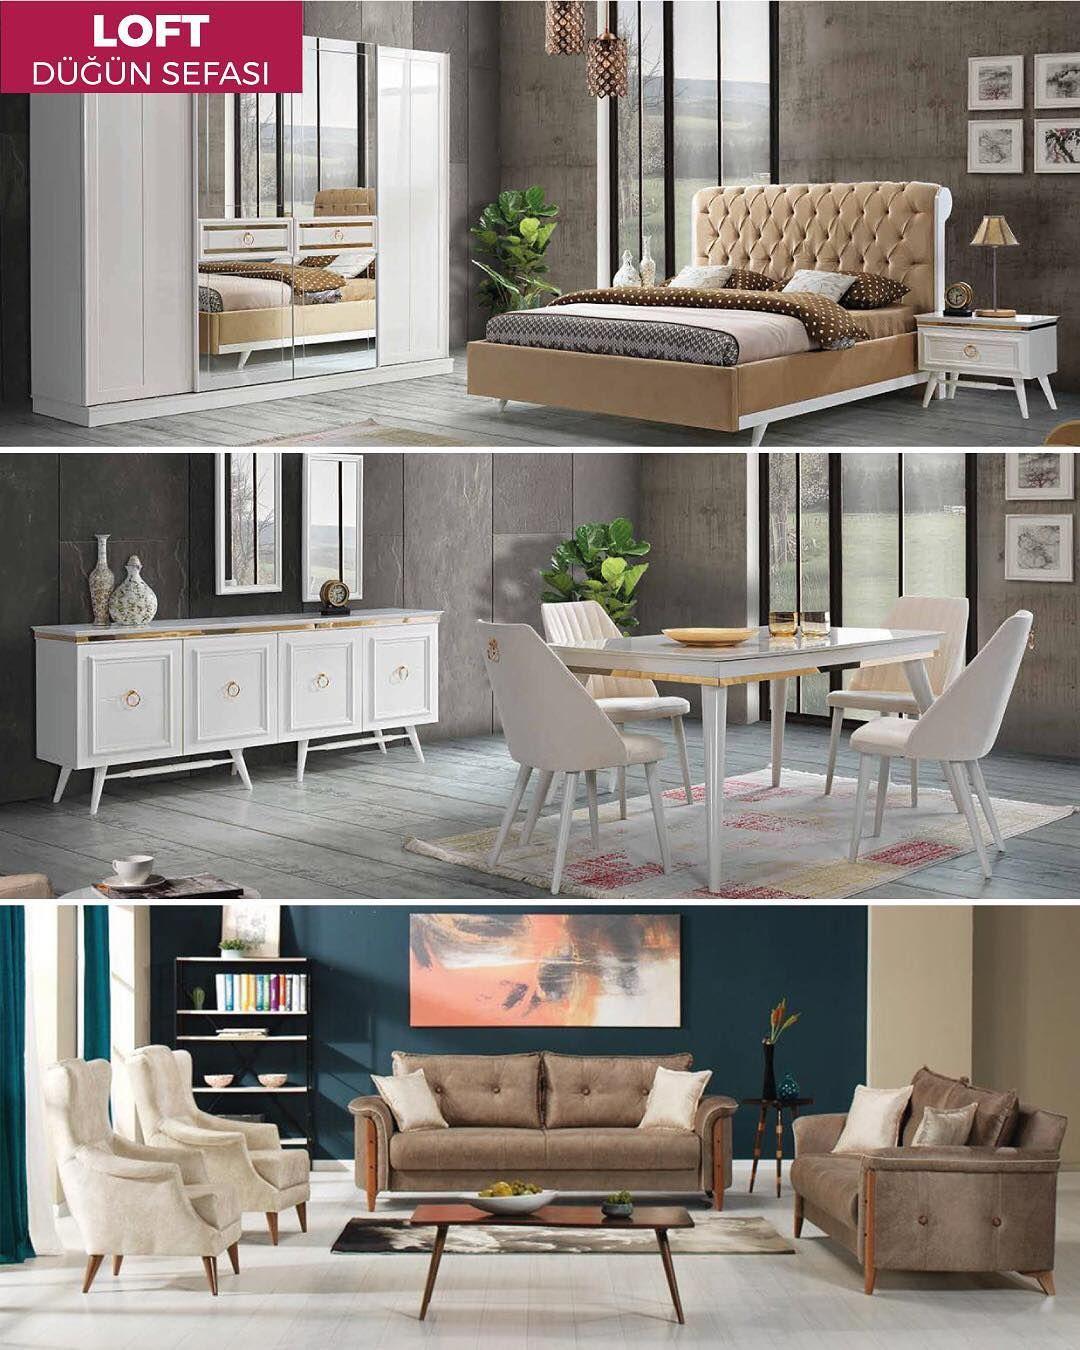 DÜĞÜN MOBİLYASINI ALMAK TA KOLAY, ÖDEMEK TE! Yatak Odası, yemek odası ve koltuk takımından oluşan düğün sefalarında en yeni modeller en iyi fiyatlarla her zaman Özbay'da.  #düğünpaketi #düğünmobilyası #home #modern #chesterkoltuk #lüks #mobilya #furniture #içmimar #dekorasyon #kampanya #indirim #taksit #yeni #model #enuygunfiyat #koltuktakımı #yatakodasi #yemekodasi #düğün #ev #kadın #yasam #sitelermobilya #ankara #özbaymobilya www.ozbaymobilya.com